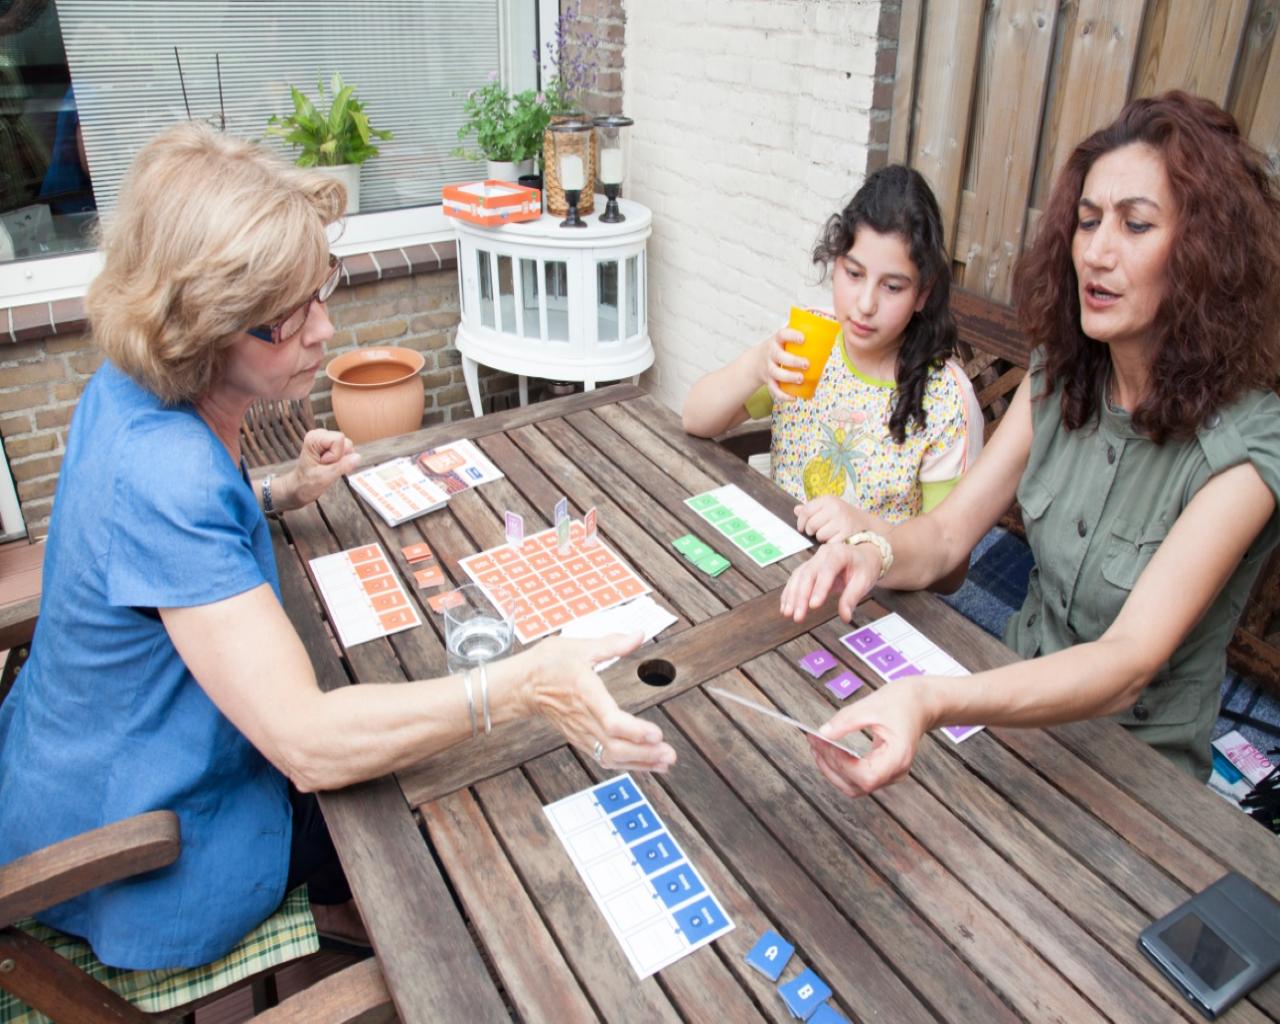 twee volwassen vrouwen en een kind doen een letterspel aan een tafel in de tuin